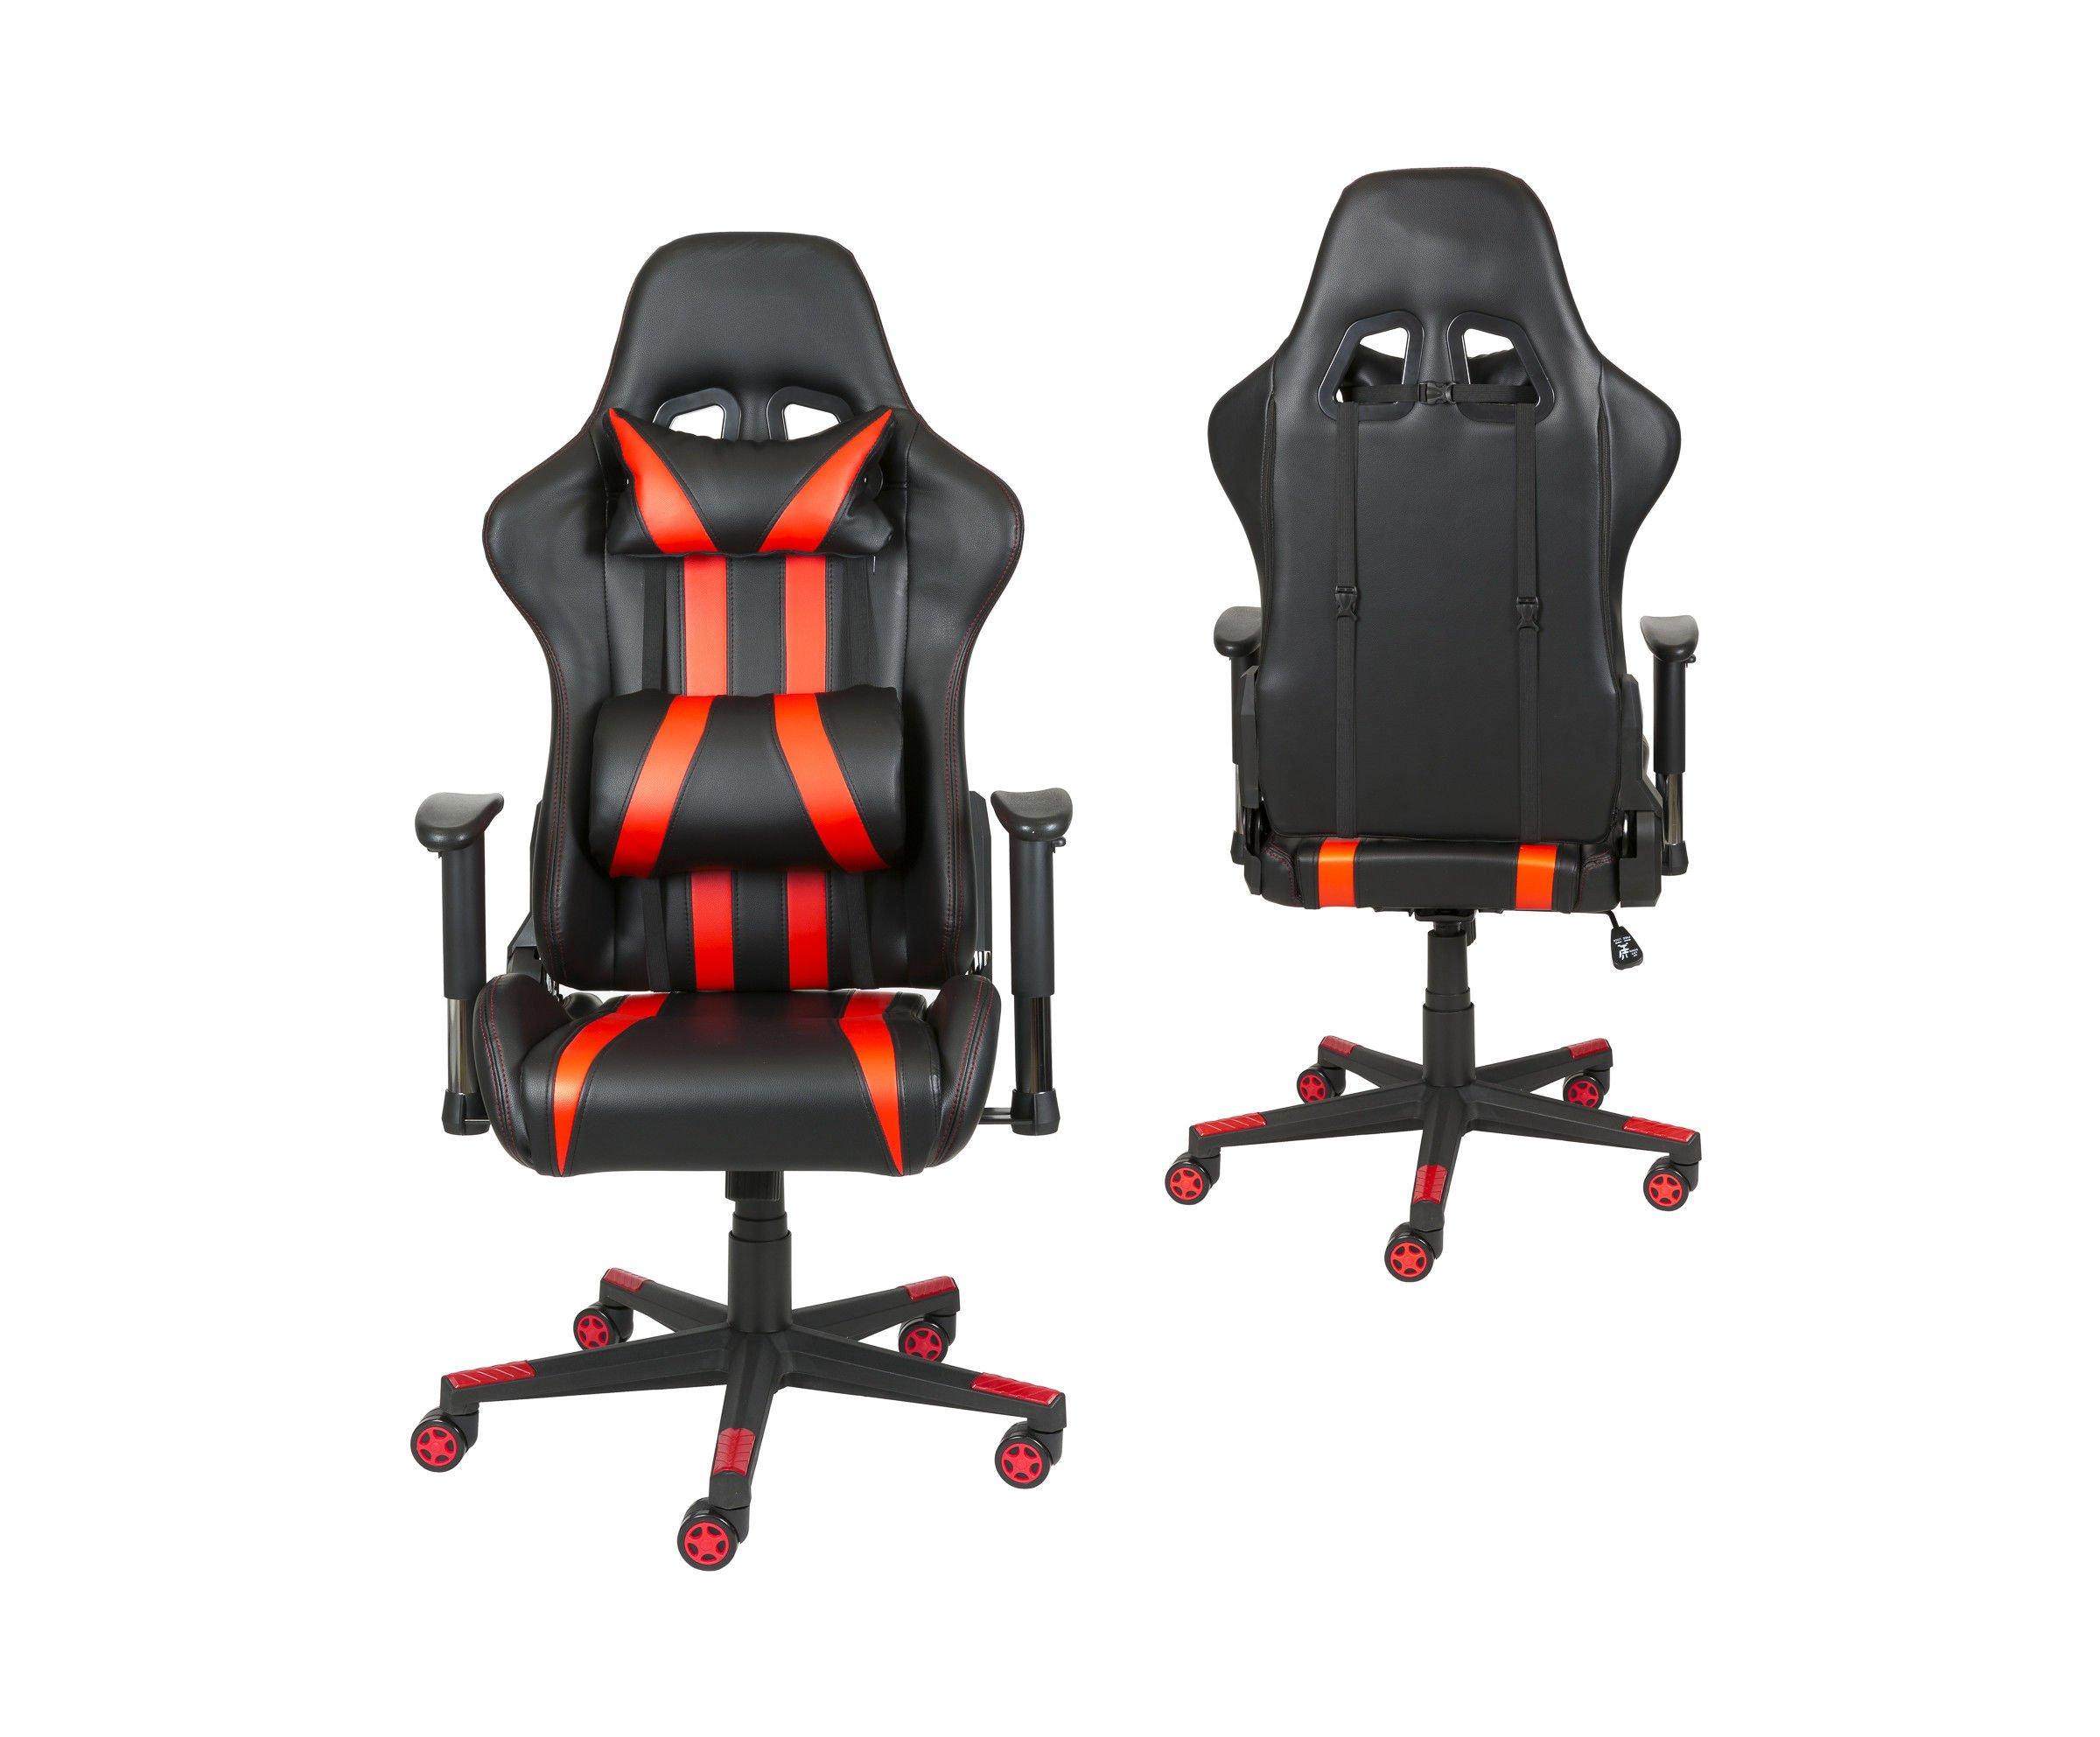 Fotel Gamingowy Scorpion Czerwony Skg001 C Skg001 Czerwony Oferta